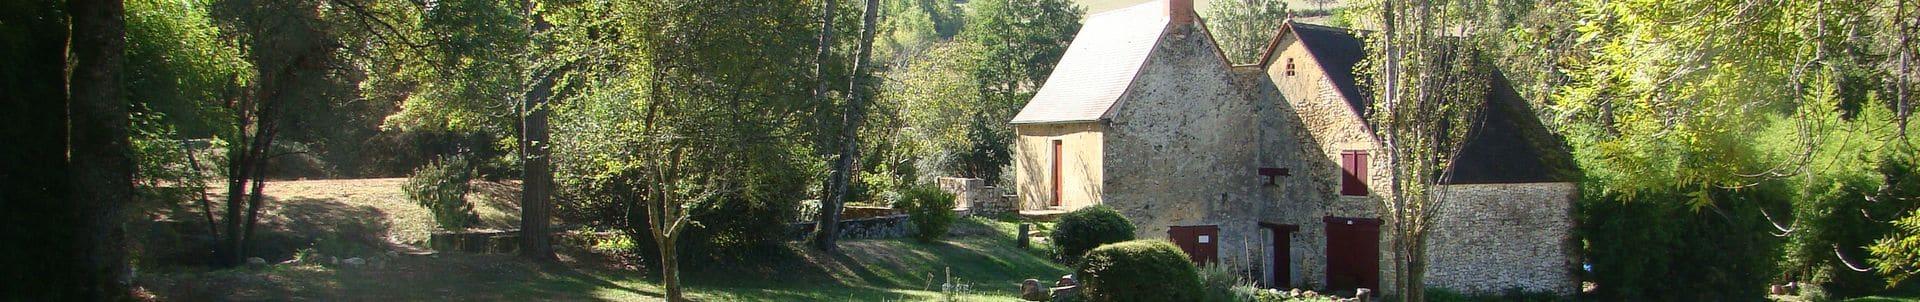 Camping Le Rêve - Moulin Chemin de Tourfeuille